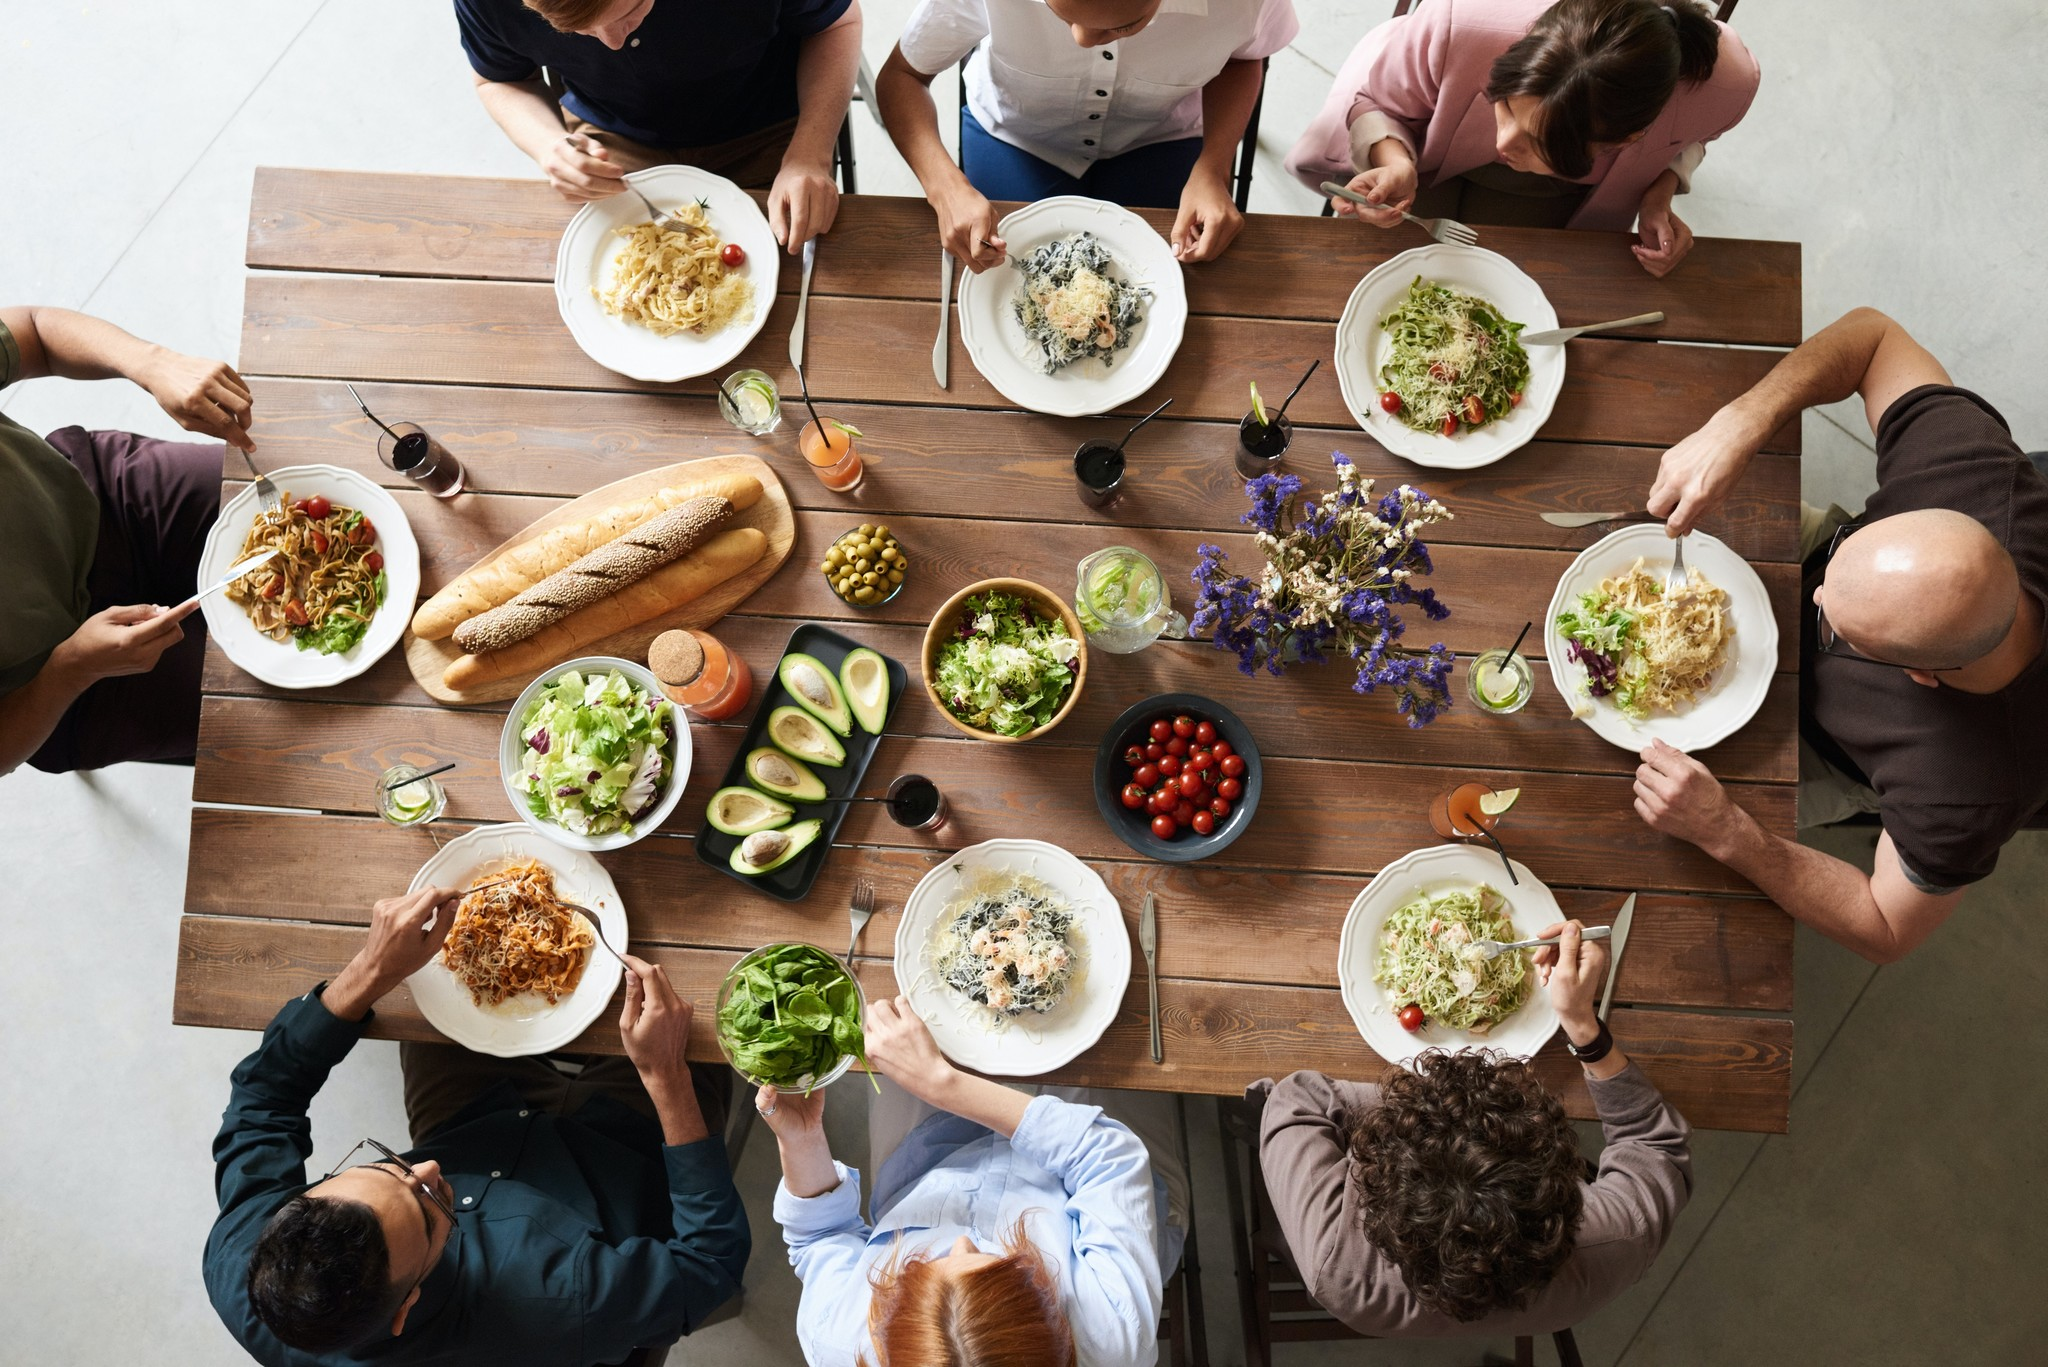 Koken & Tafelen | Gezelligheid kent geen grenzen.